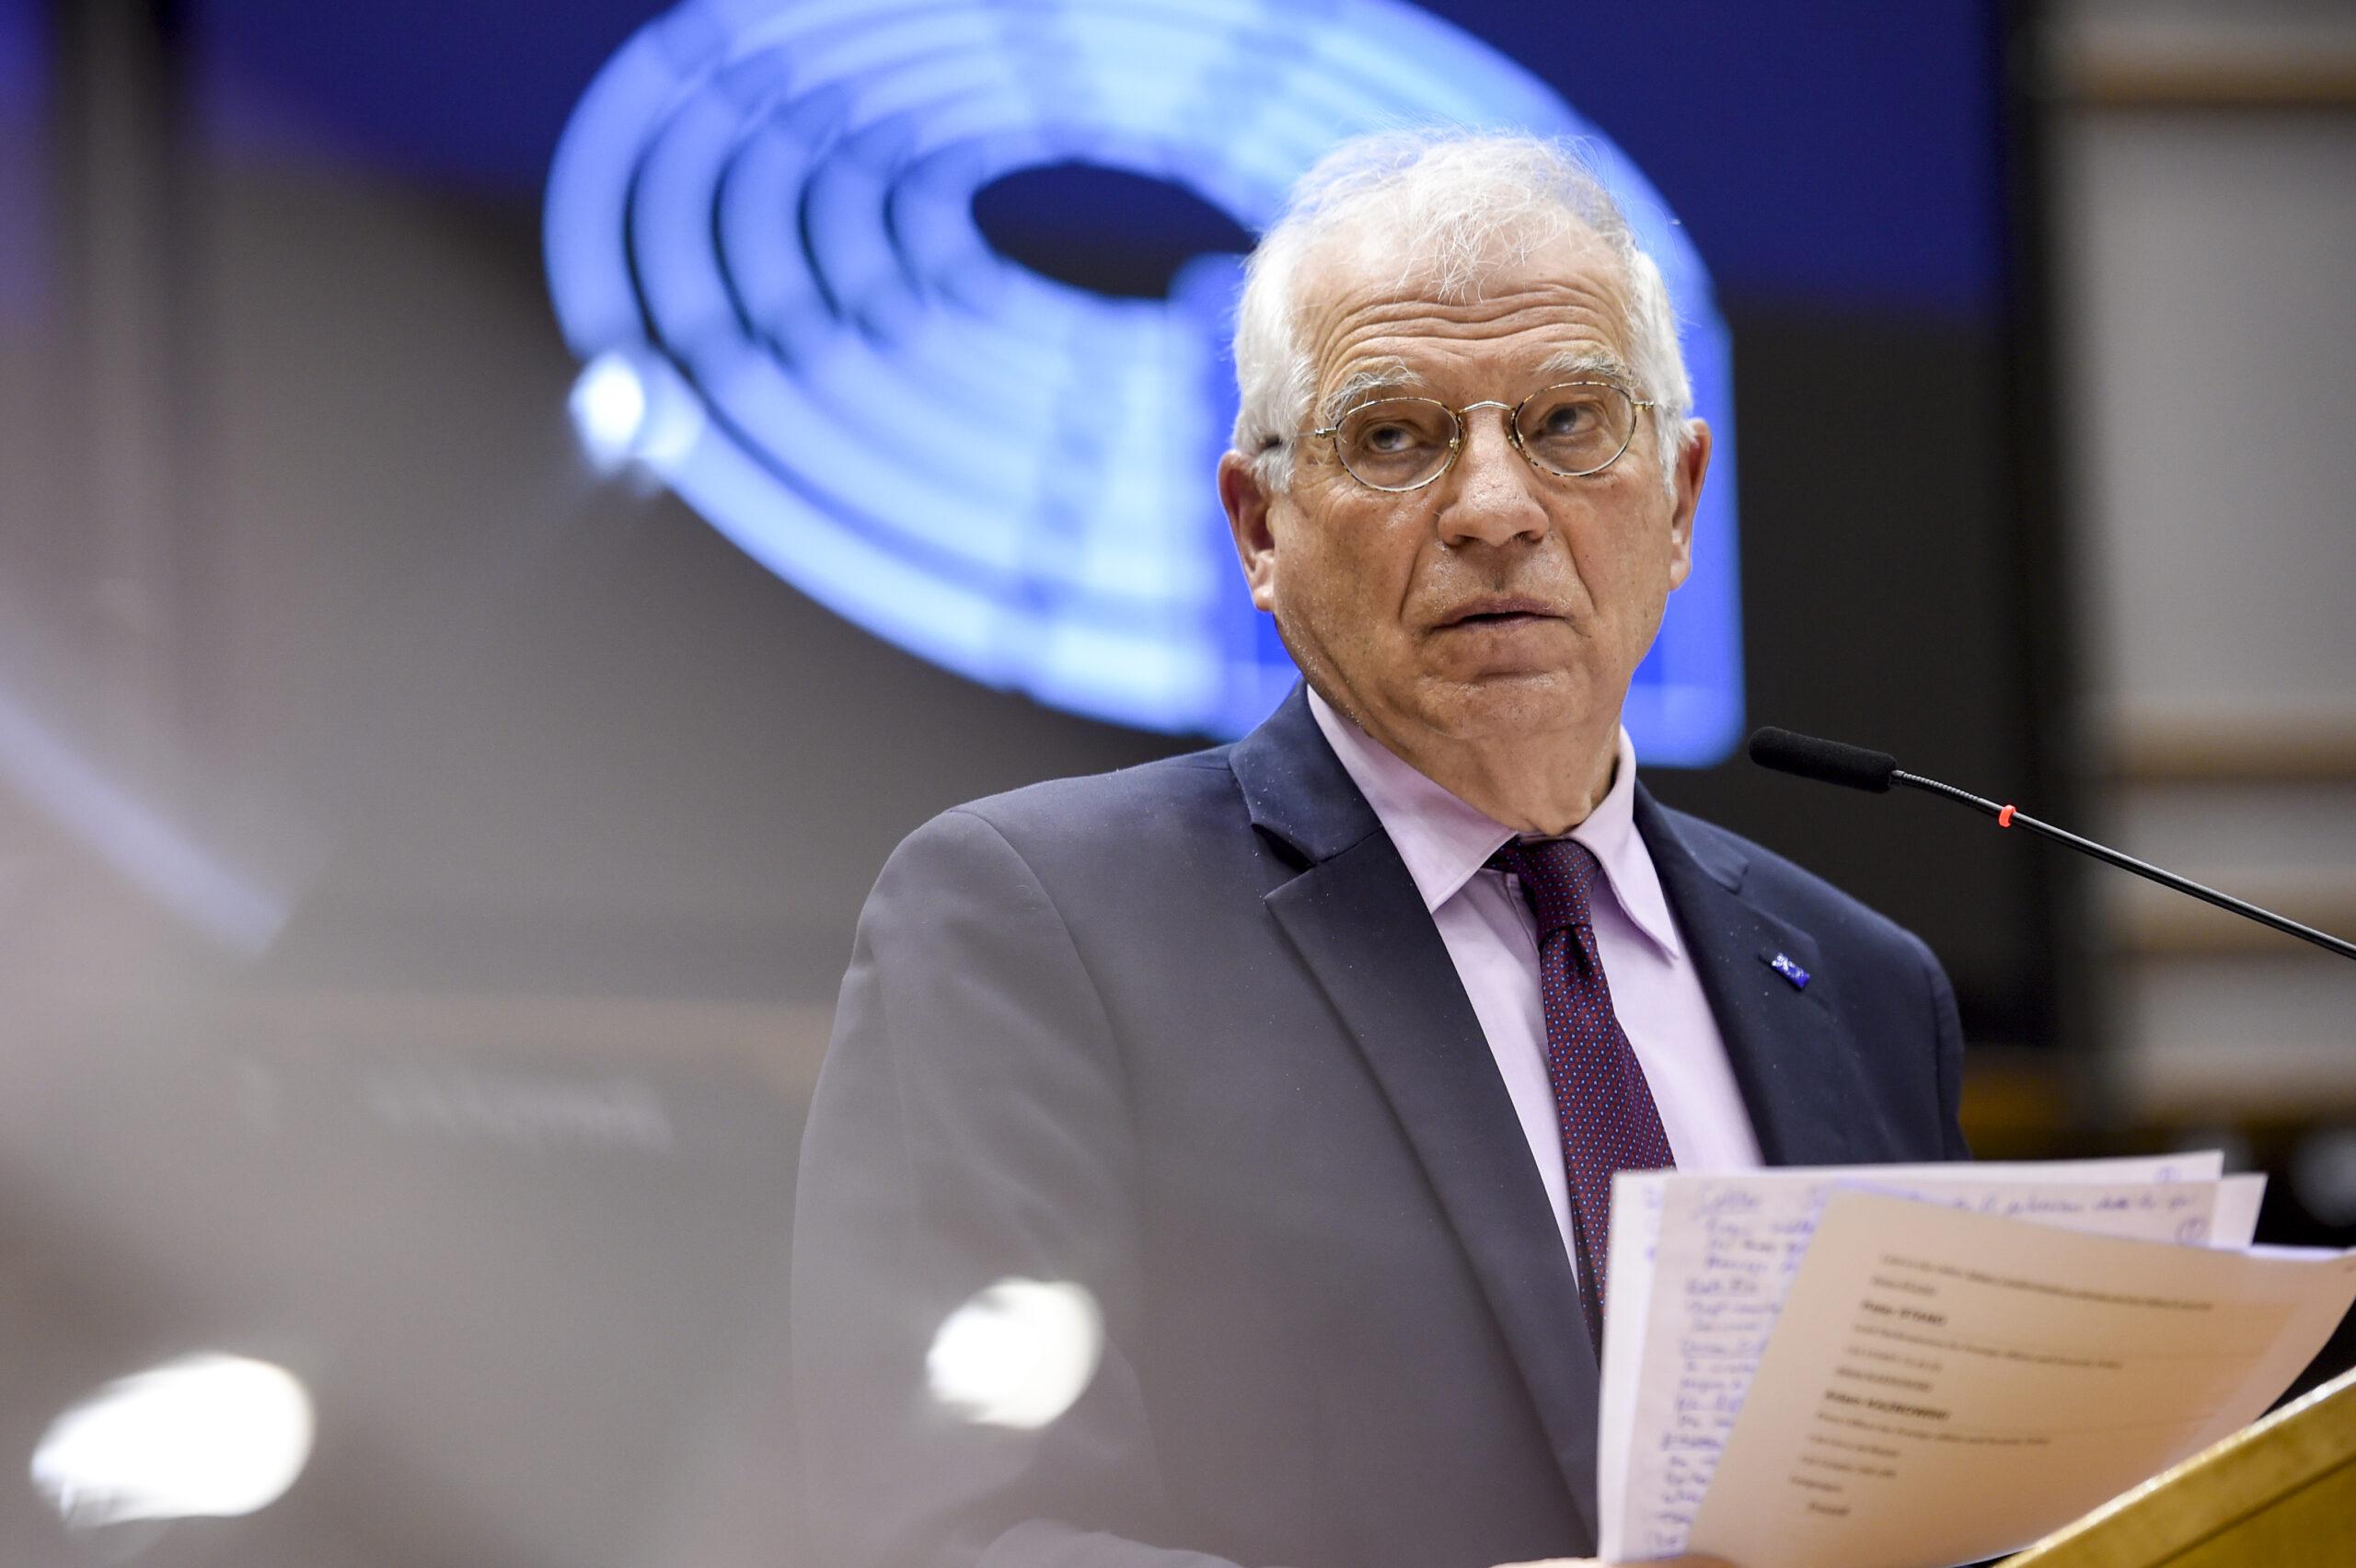 L'Alt Representant de la UE, Josep Borrell, durant la compareixença al ple de l'Eurocambra sobre la visita a Rússia el 9 de febrer del 2021, a Brussel·les. / ACN